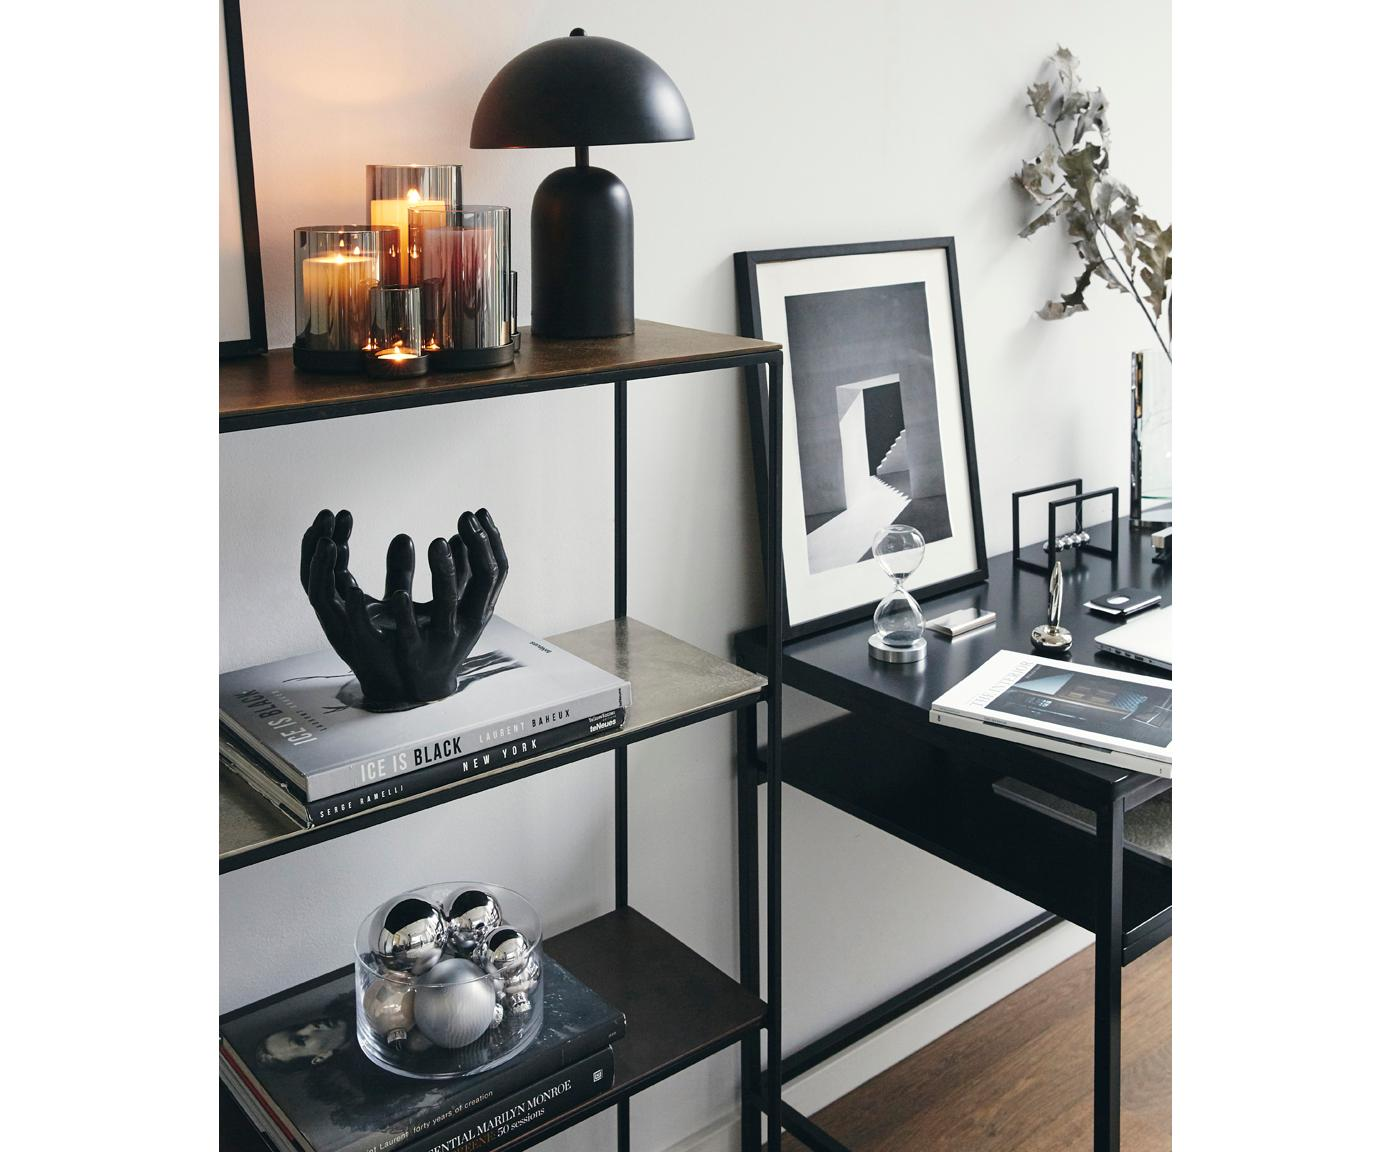 Libreria Melbourne, Struttura: metallo verniciato a polv, Ripiani: multicolore con finitura anticata lucida Struttura: nero opaco, Larg. 75 x Alt. 122 cm